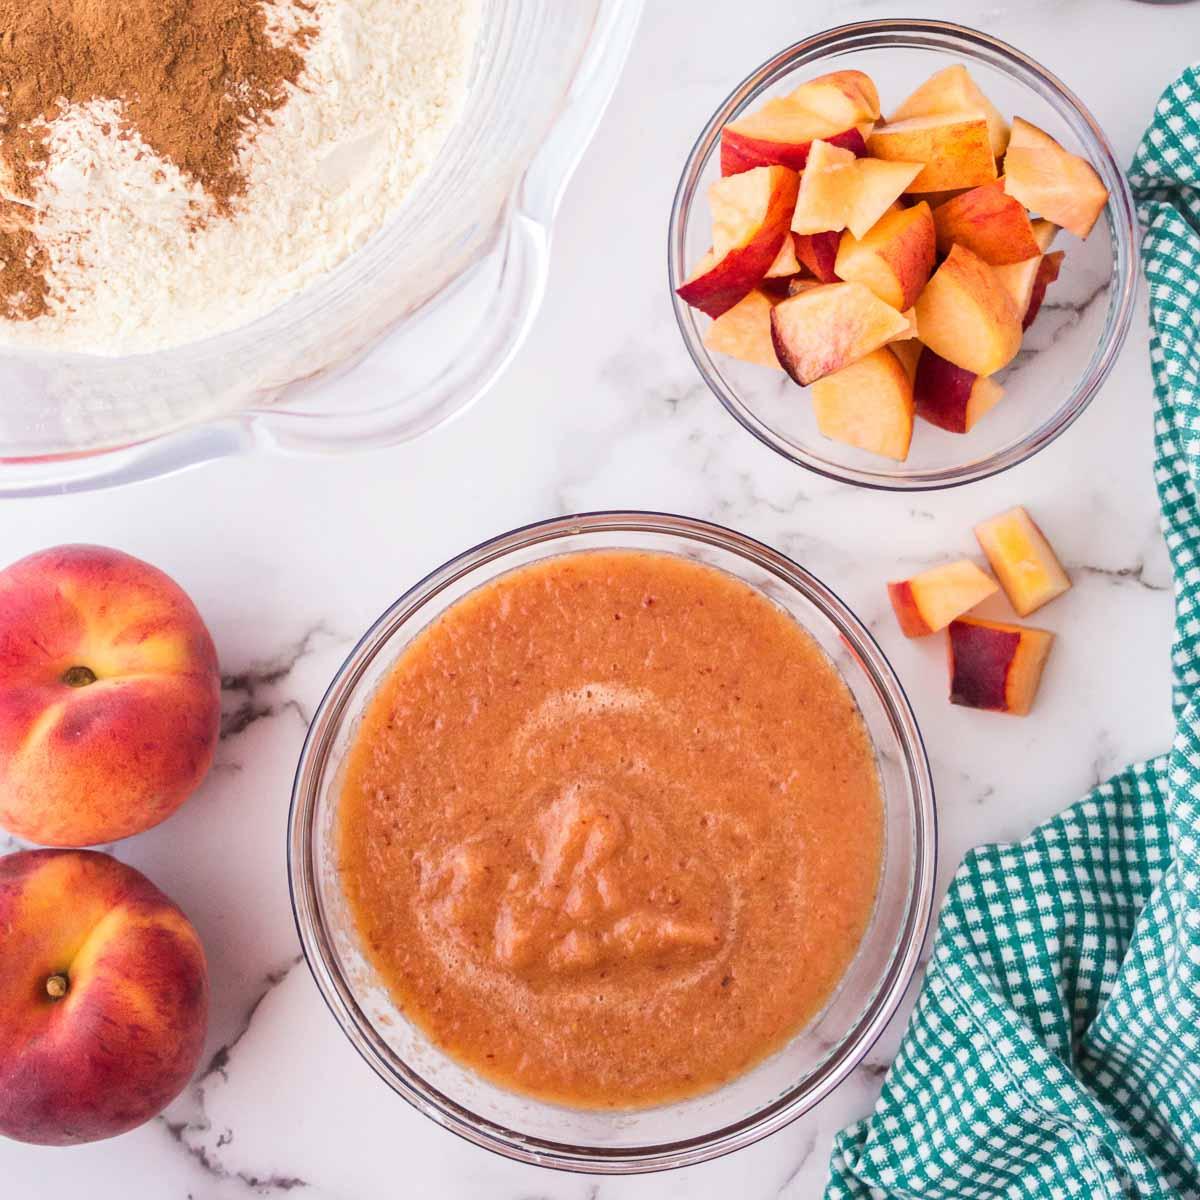 Peach puree and chopped peaches for making peach bread.